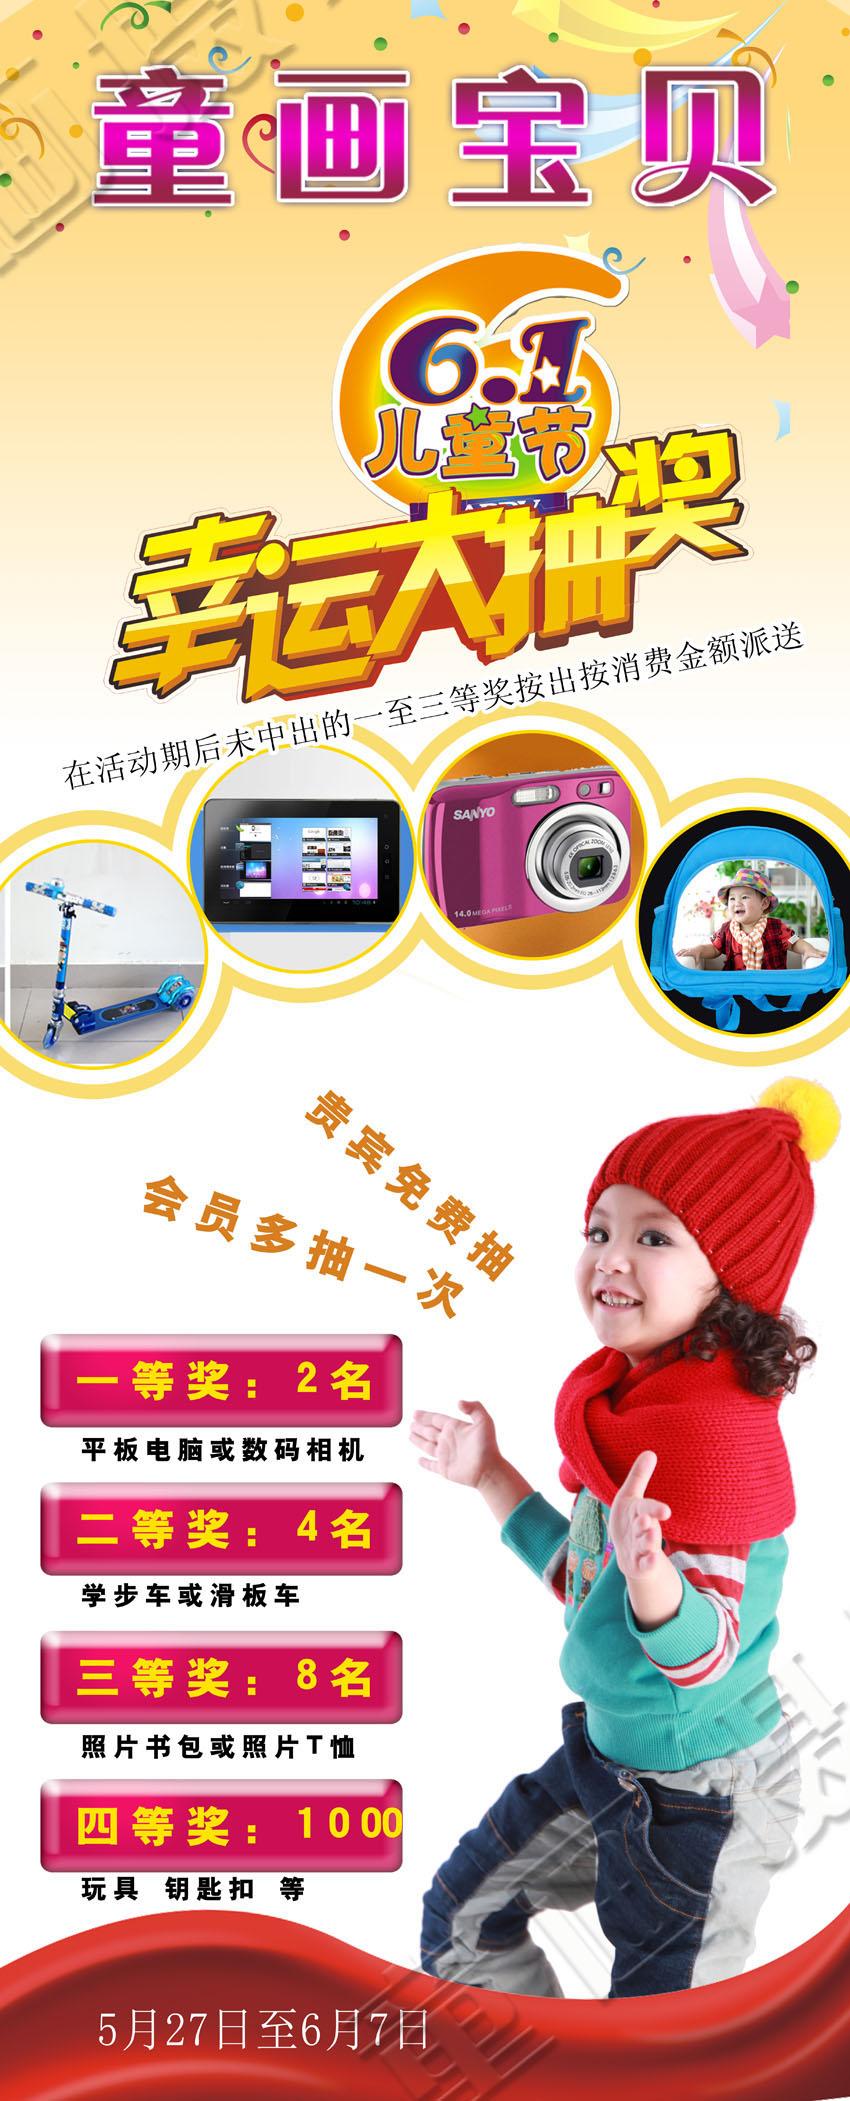 同江市童画儿童摄影六一儿童节